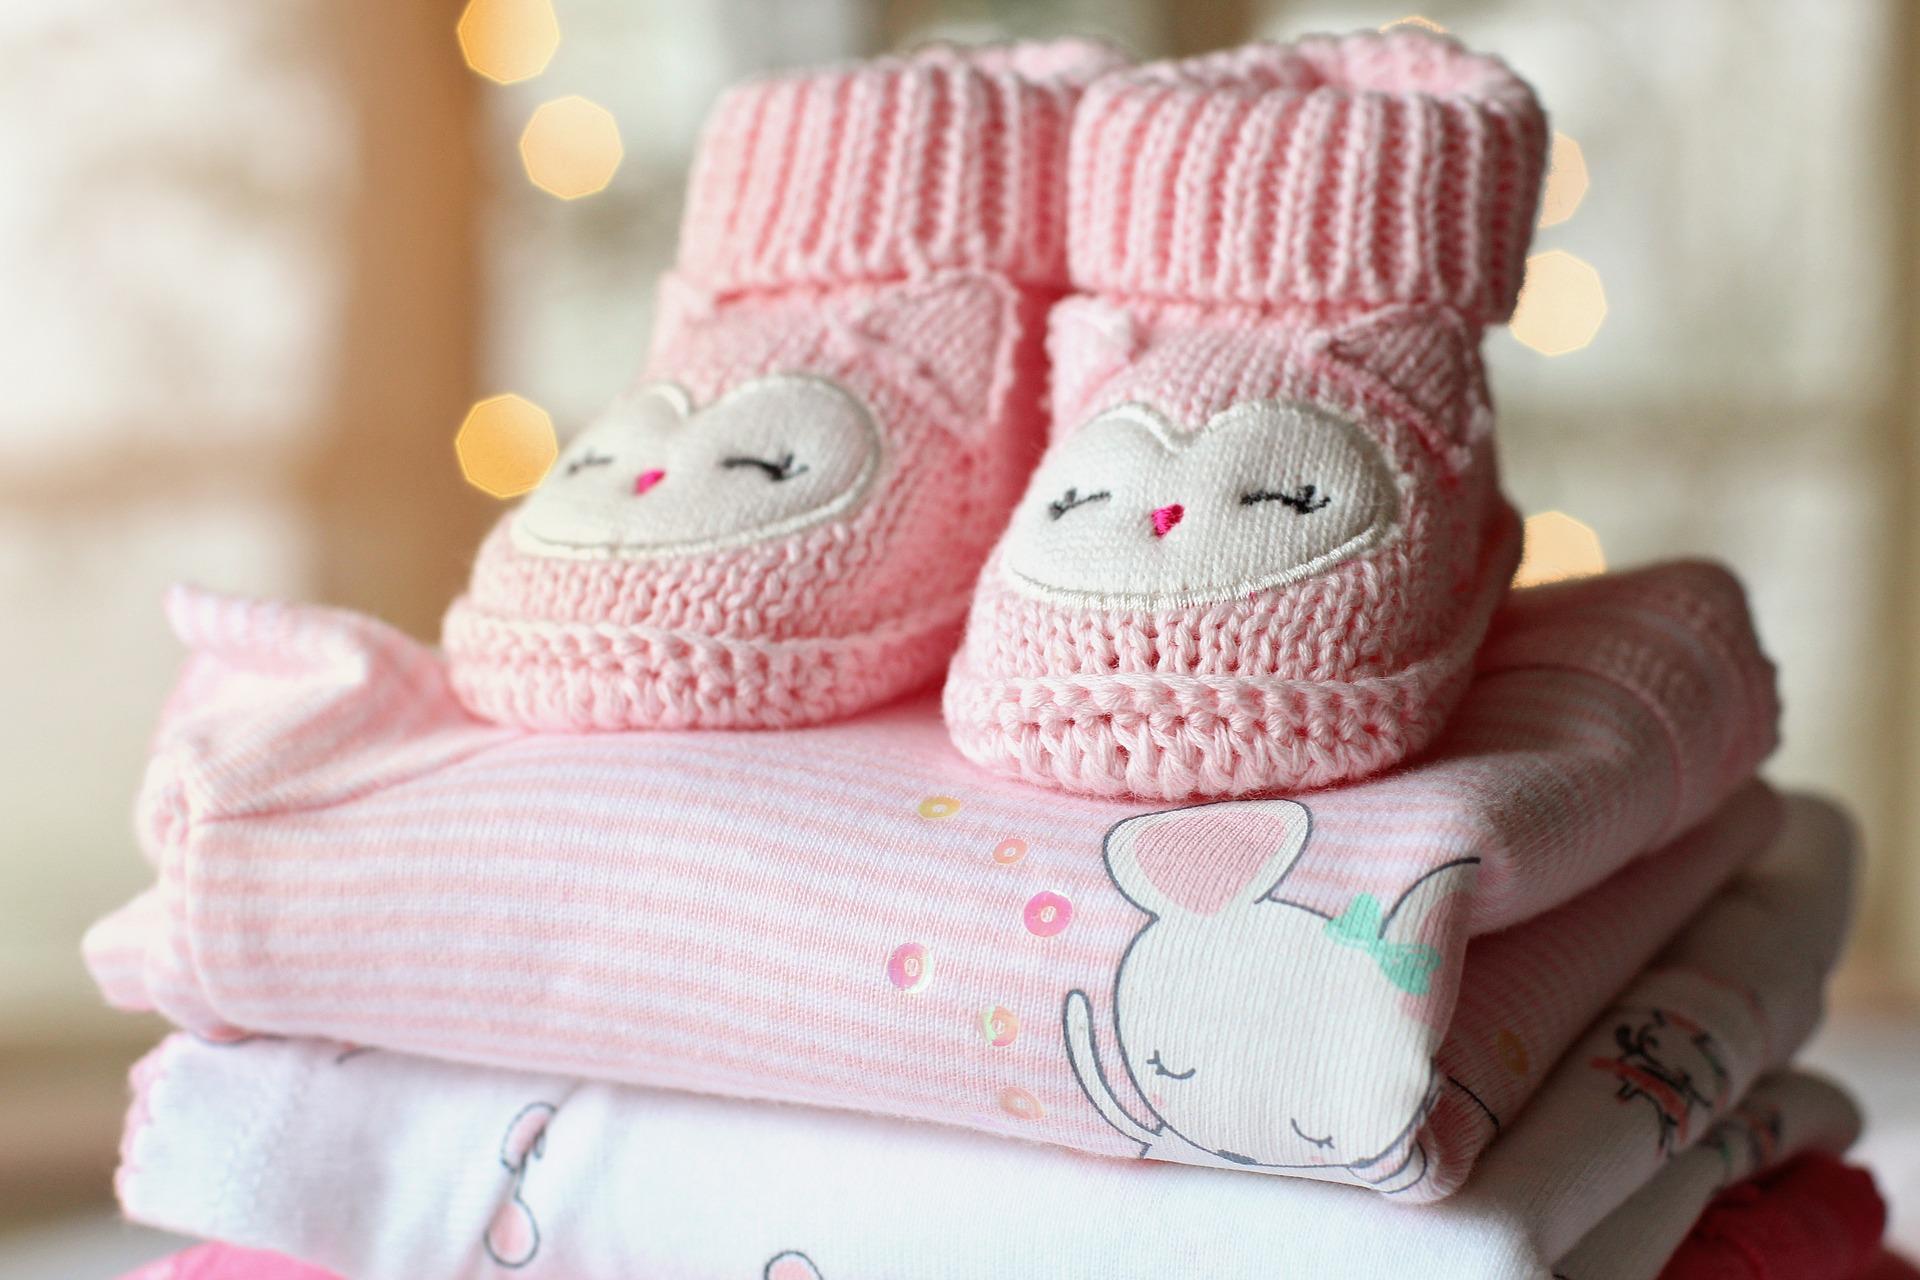 Obiecte necesare bebelusuluiiîn primele saptamani petrecute acasa